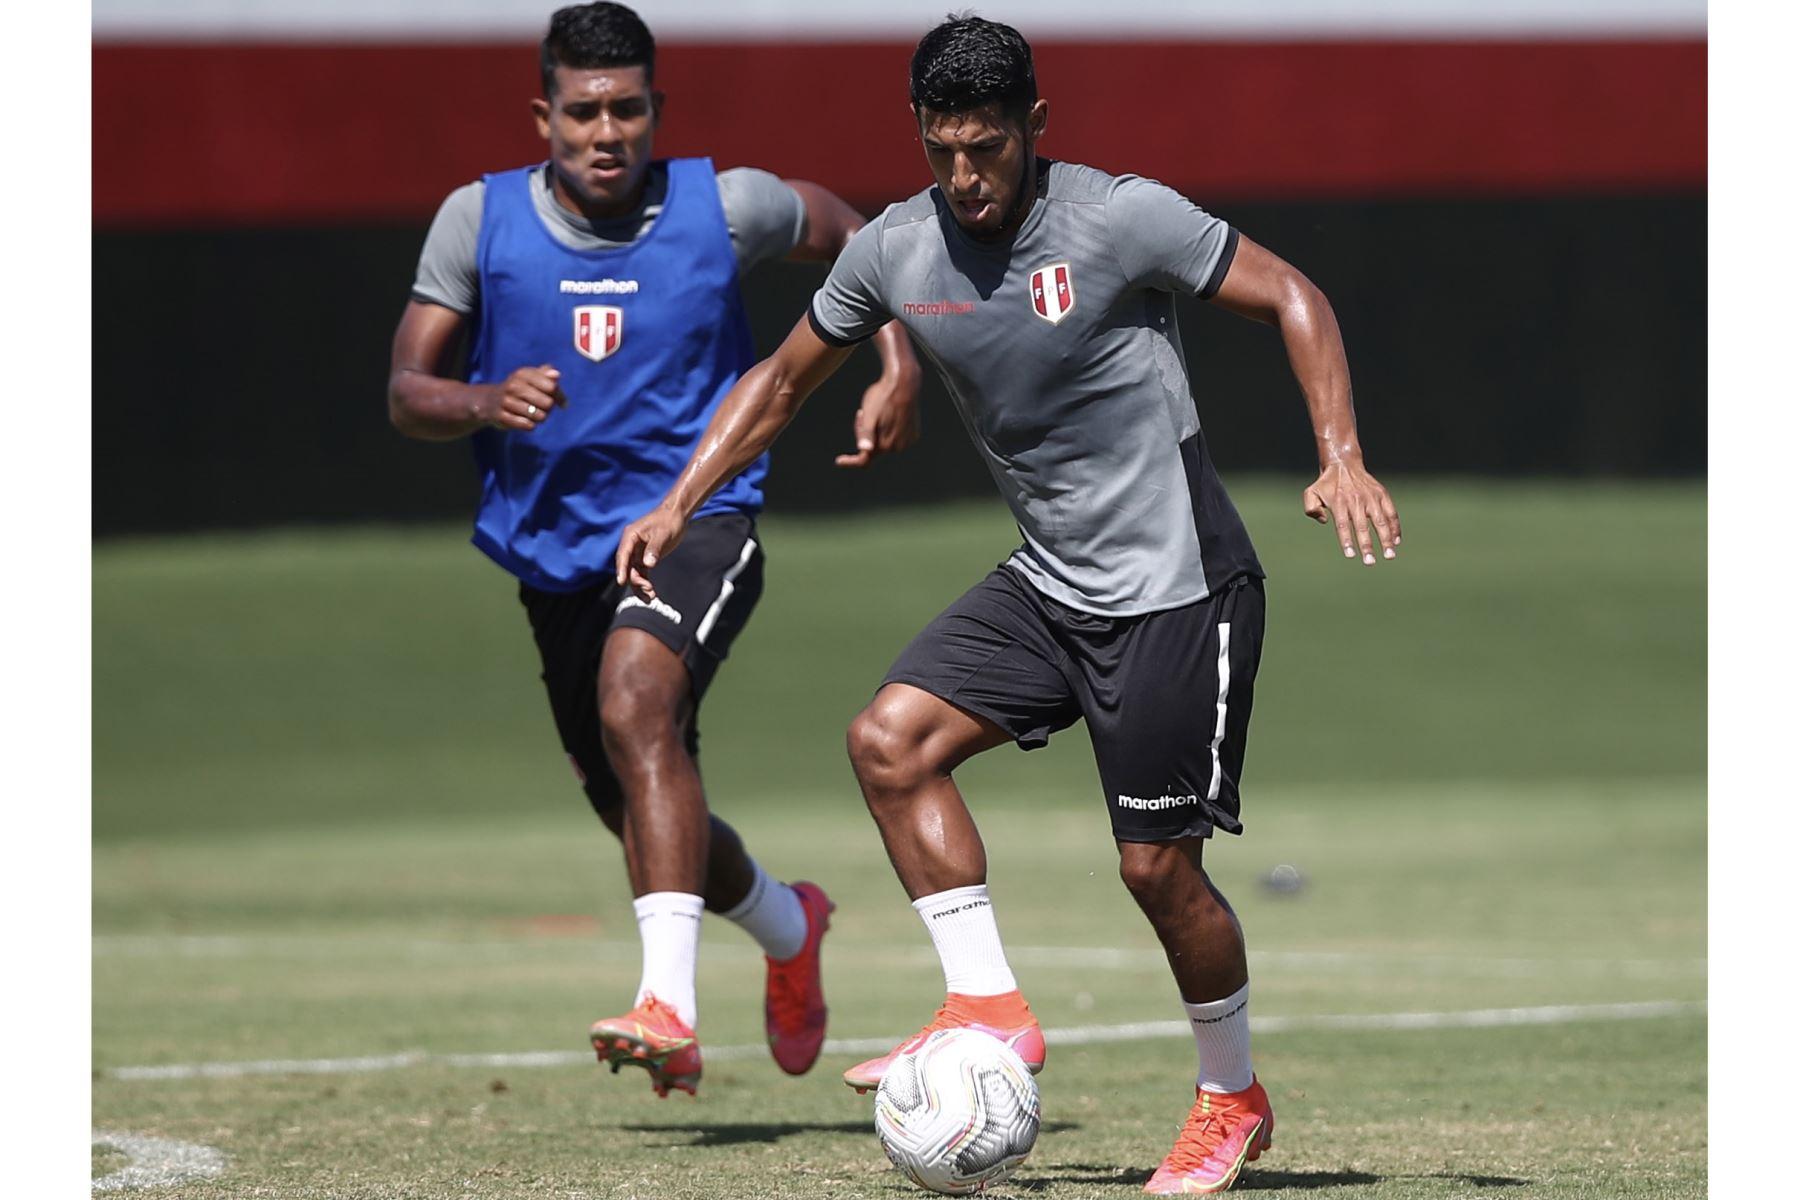 A un día del duelo ante Ecuador, la selección peruana continuó con su preparación en el campo de entrenamiento del Atlético Goianense con la mira puesta en afrontar su tercer encuentro en esta Copa América 2021. Foto: Selección Nacional